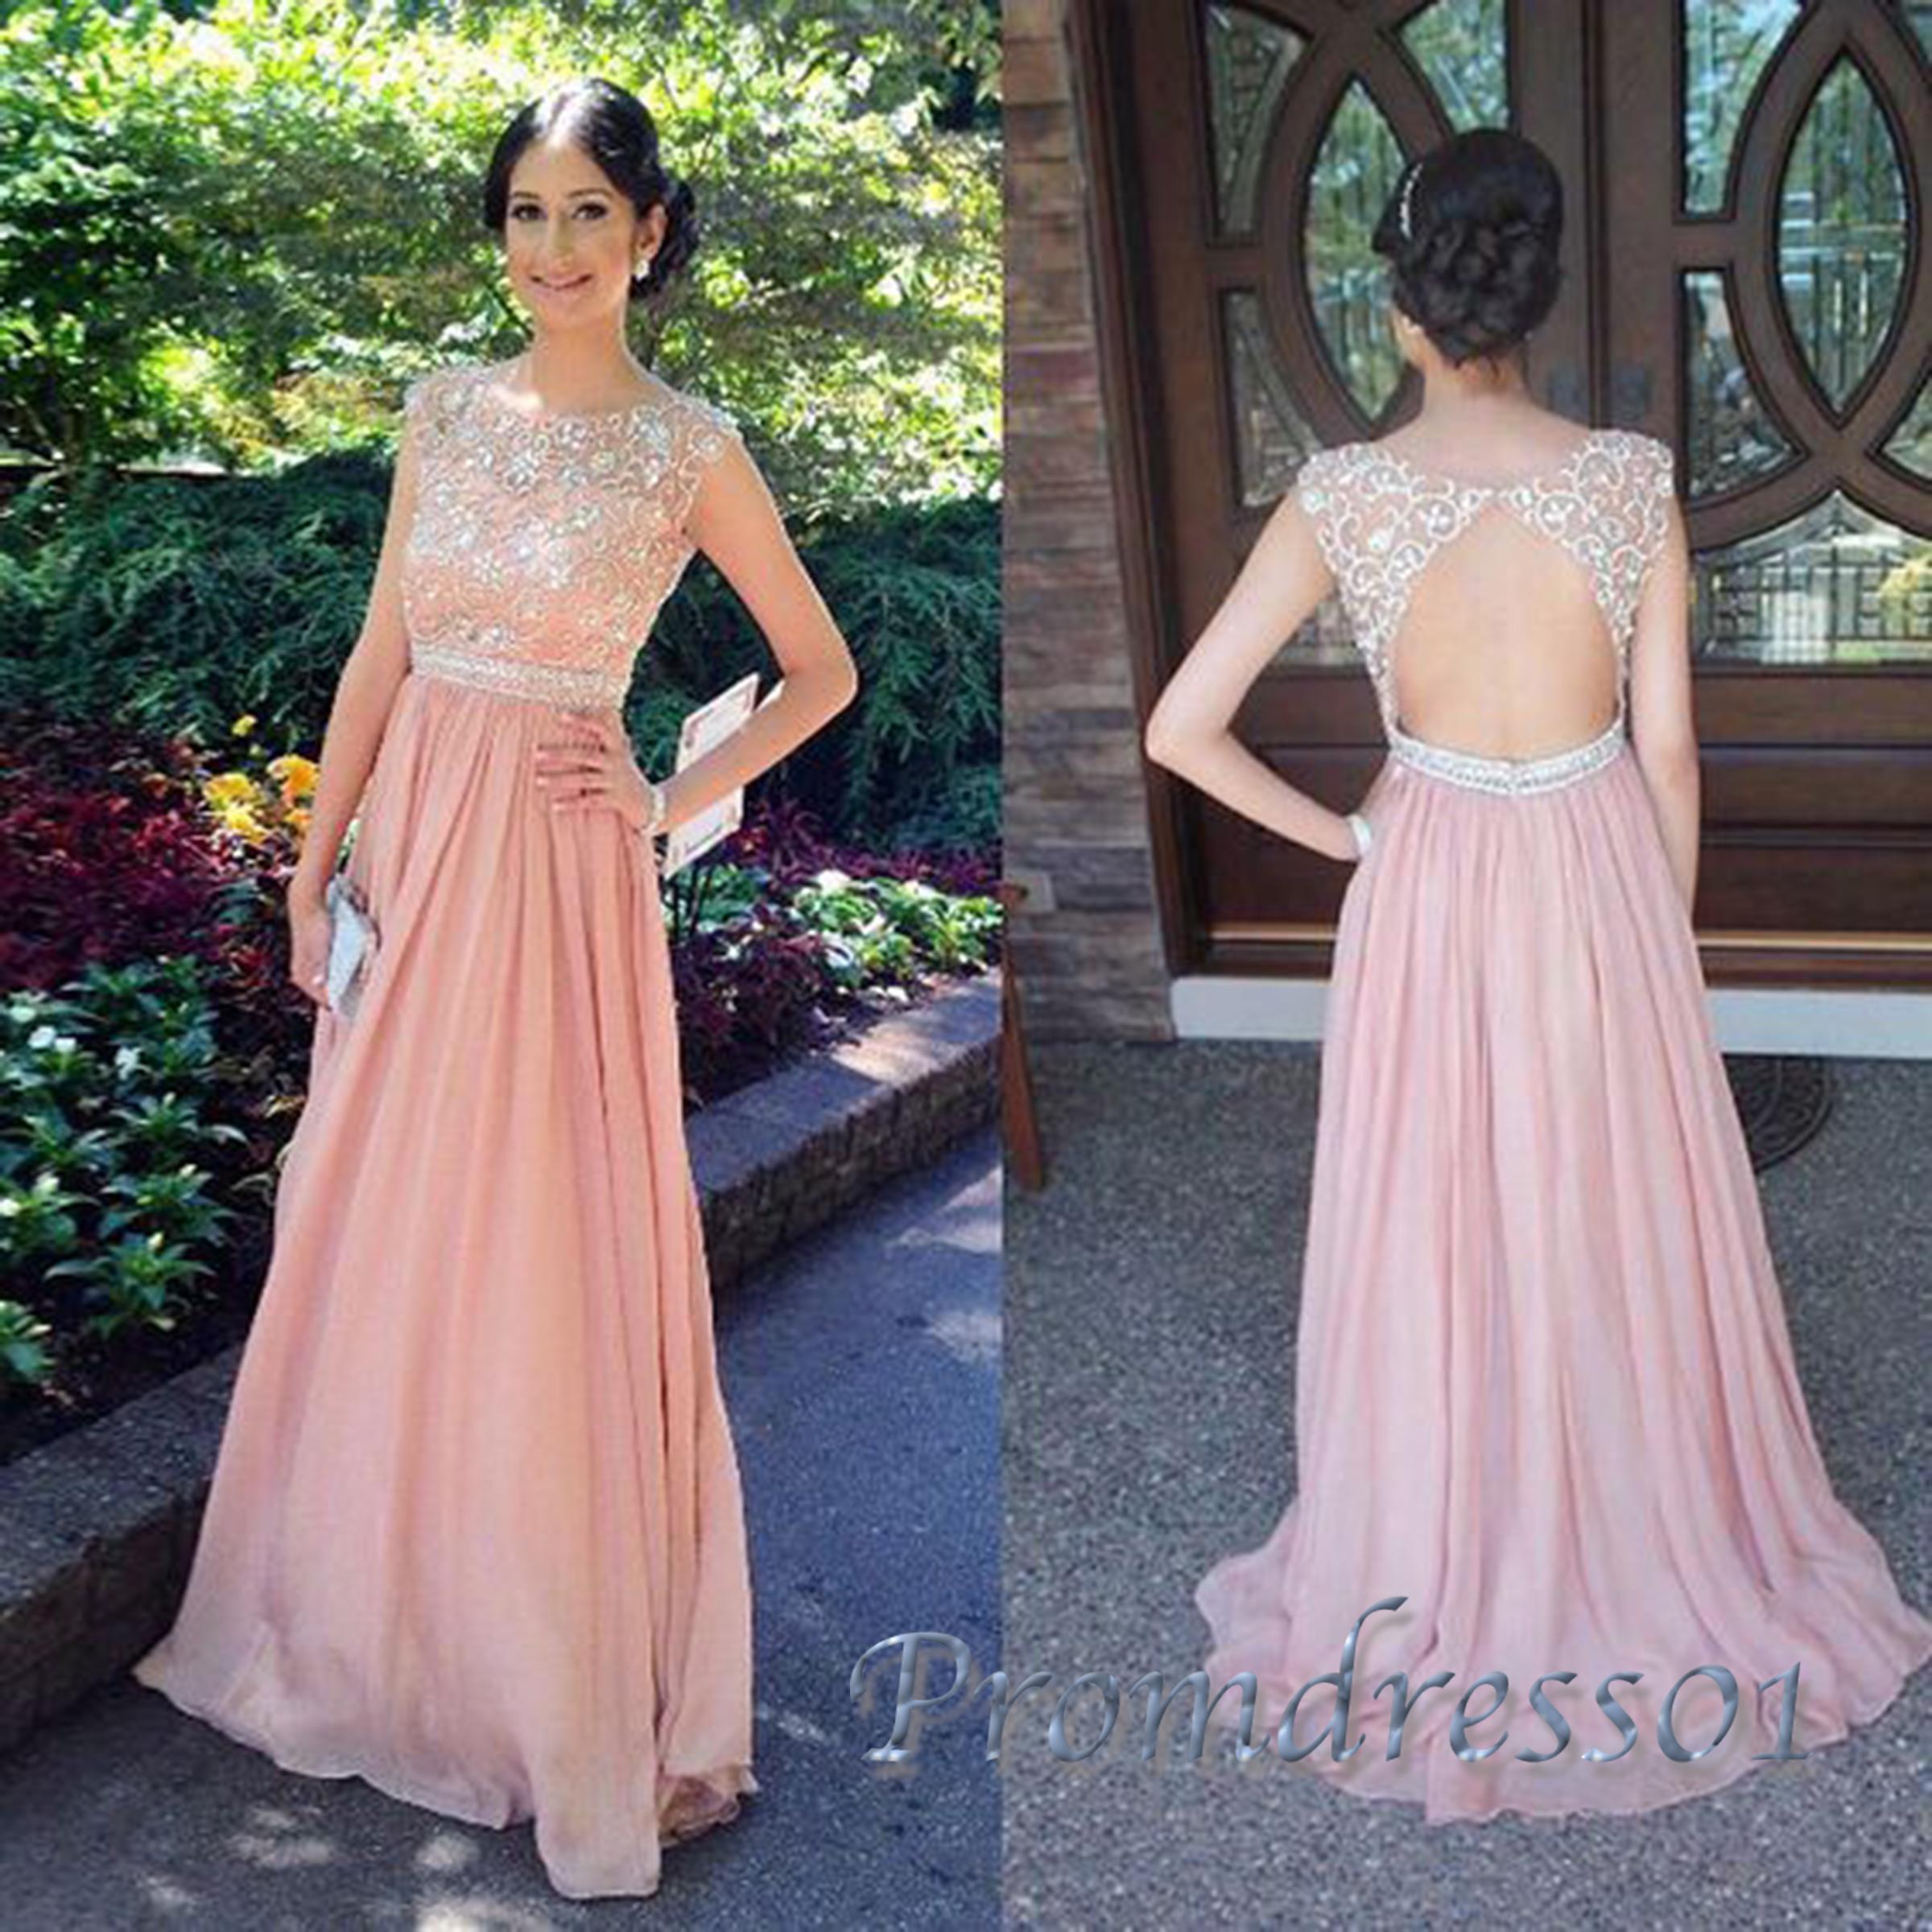 Vogue Prom Dresses 2017 Canada 70